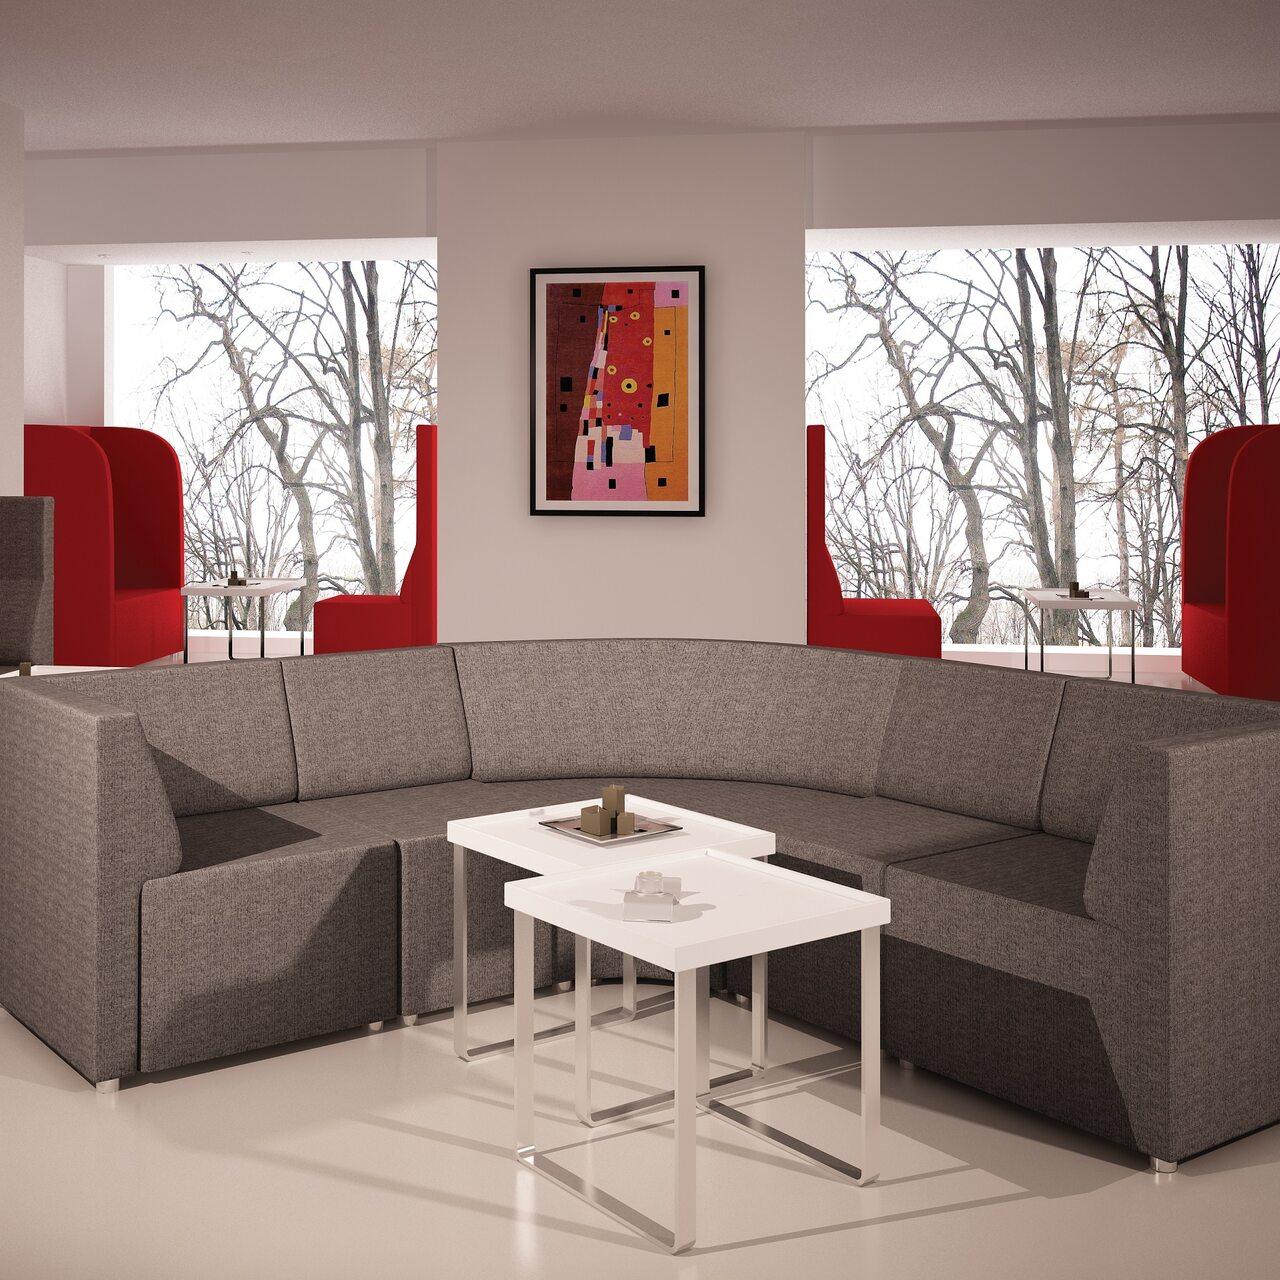 Мягкая офисная мебель М10 Meeting area - фото 1